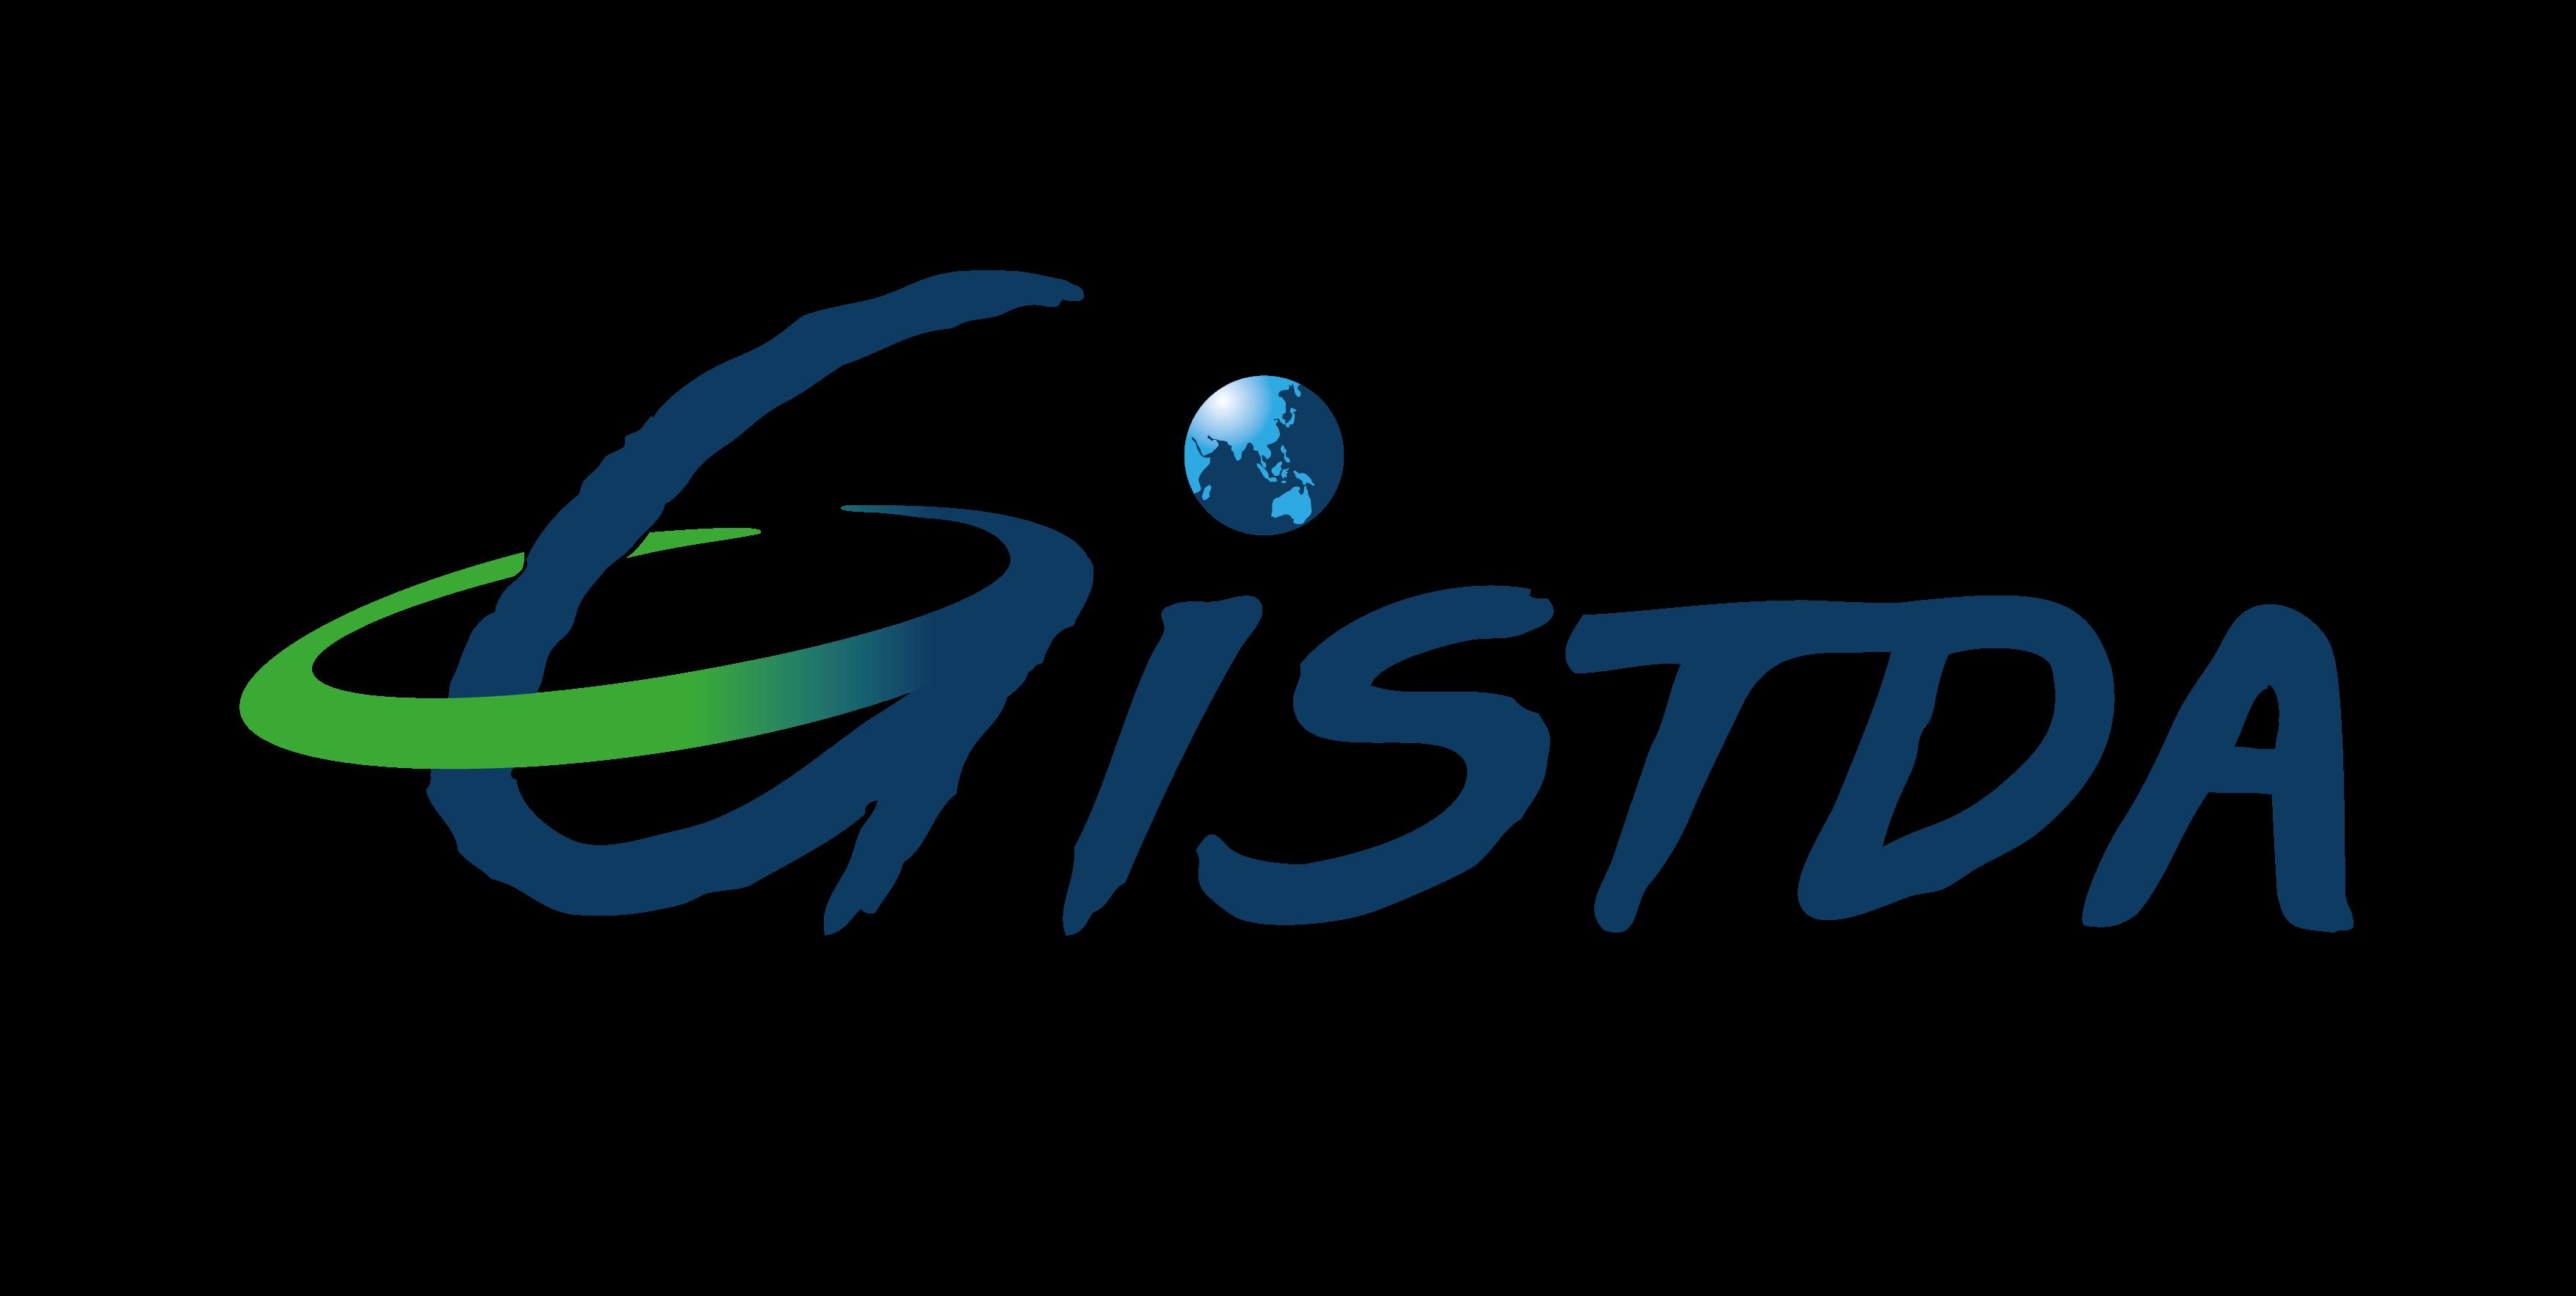 GISTDA